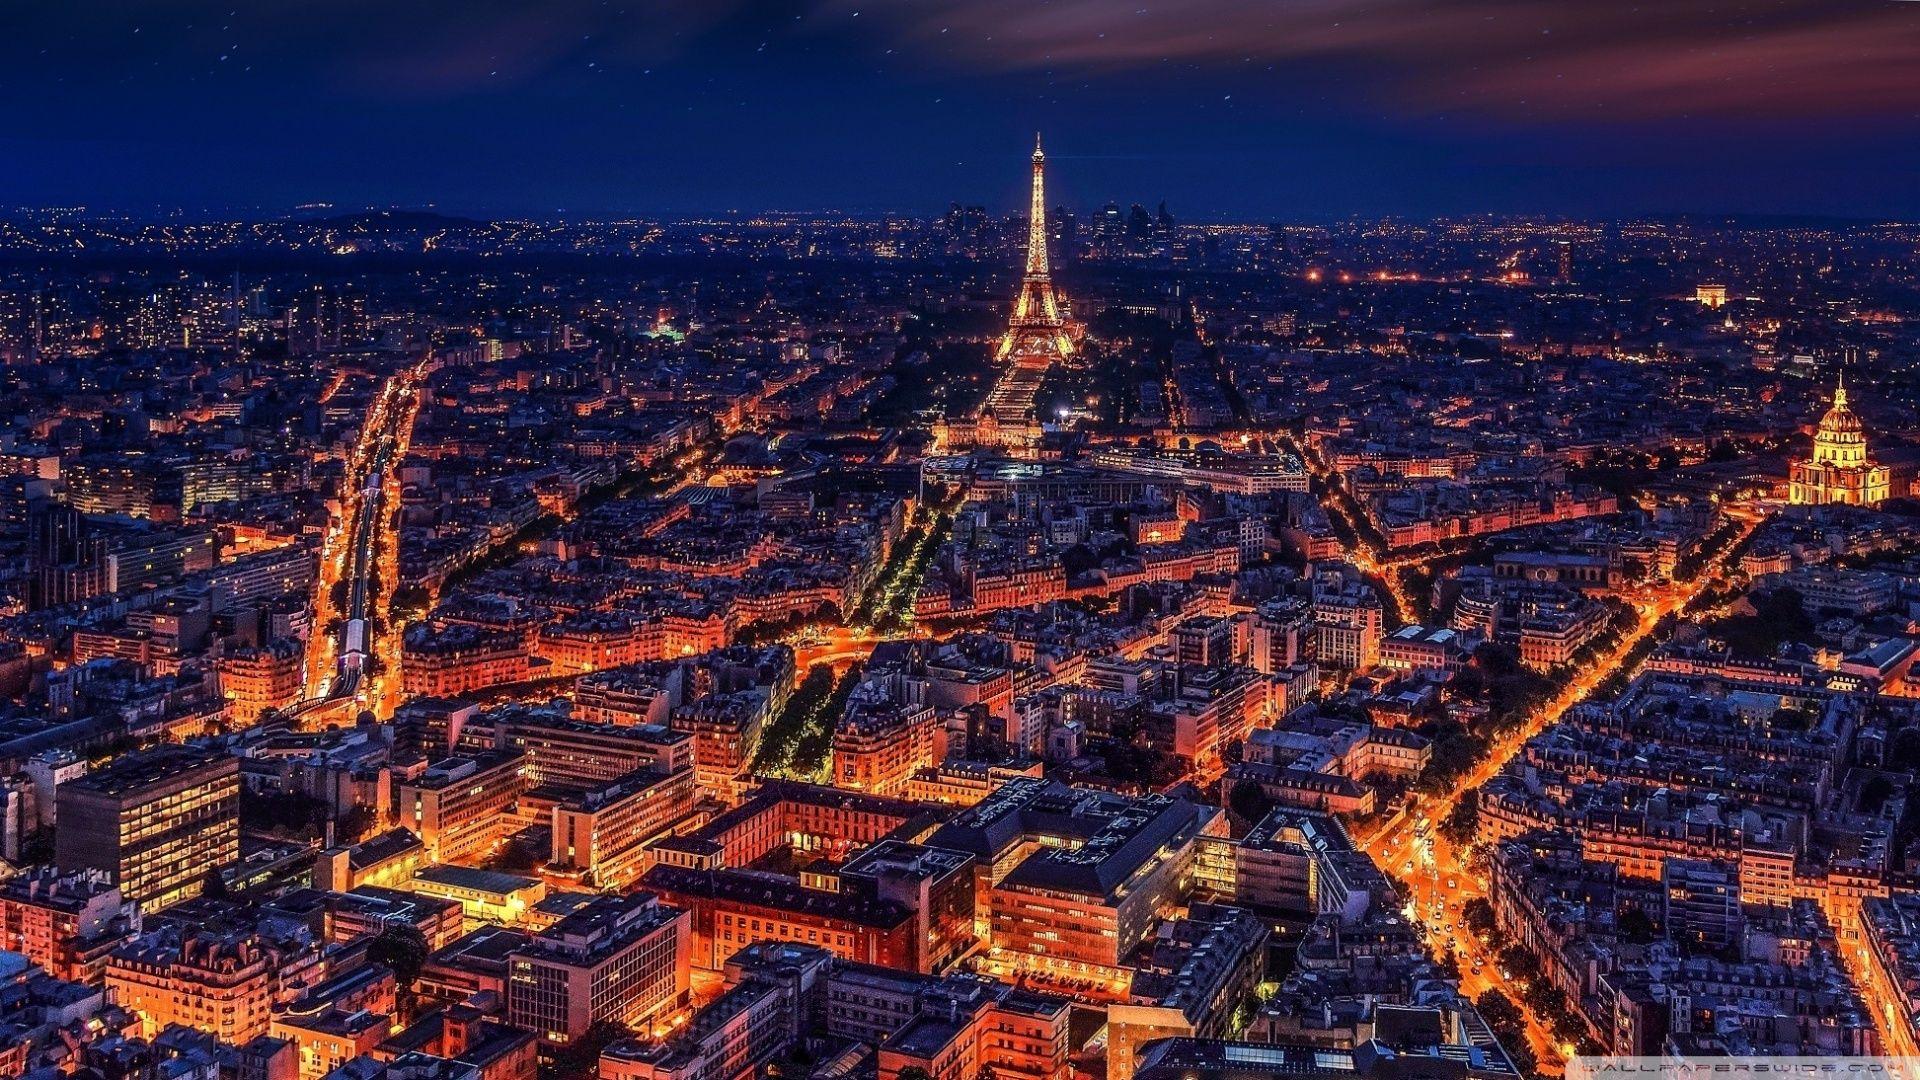 Paris at Night Wallpapers   Top Paris at Night Backgrounds 1920x1080